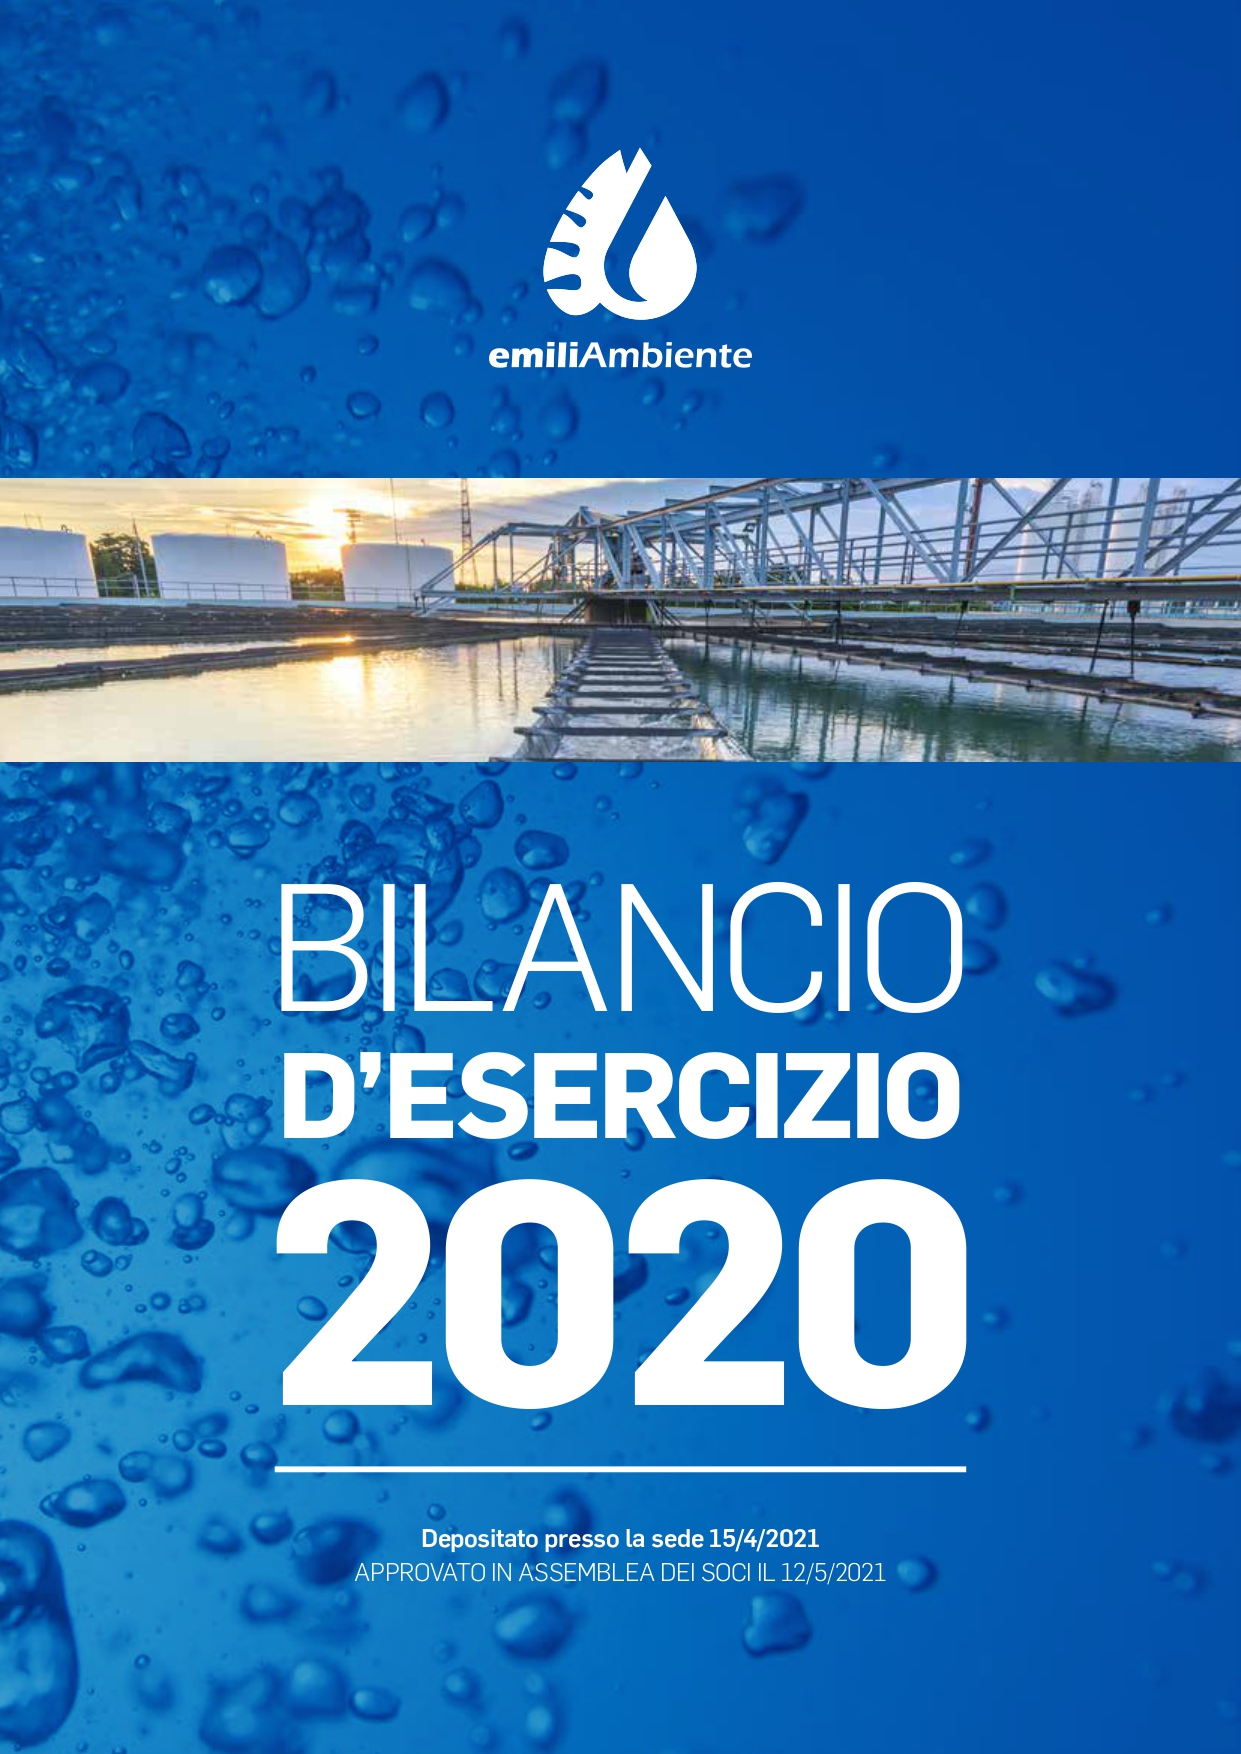 Il 2020 di EmiliAmbiente: 3,8 mln di investimenti e 2,4 mln di utile